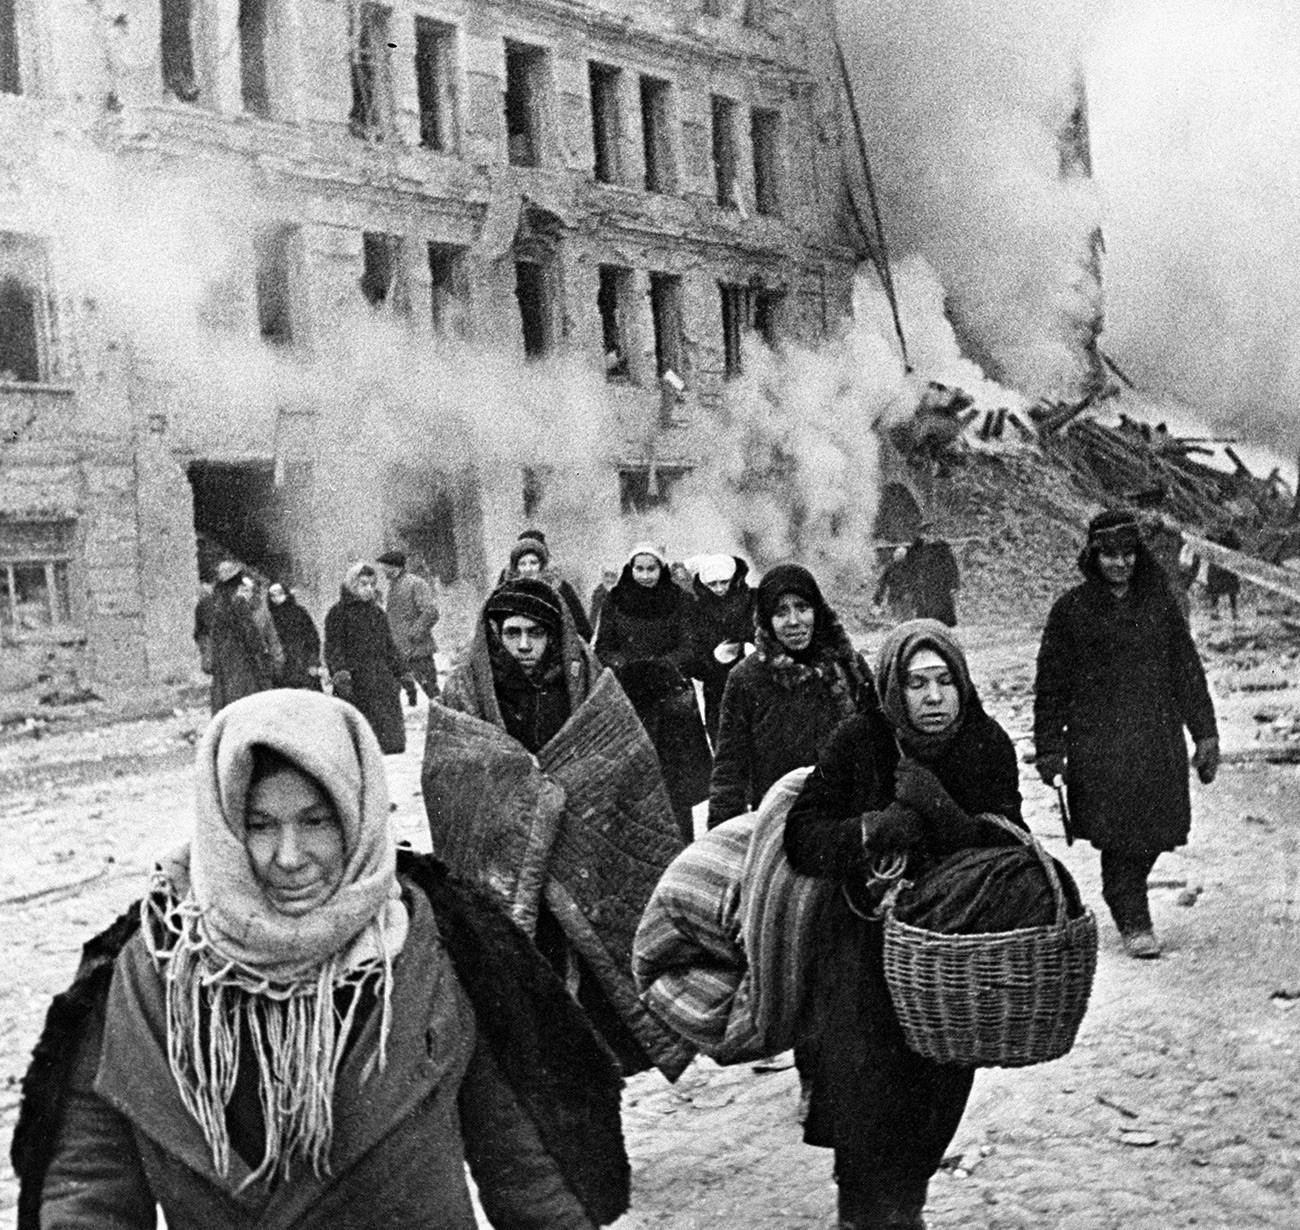 I cittadini della Leningrado sotto assedio (1941 - 1943)